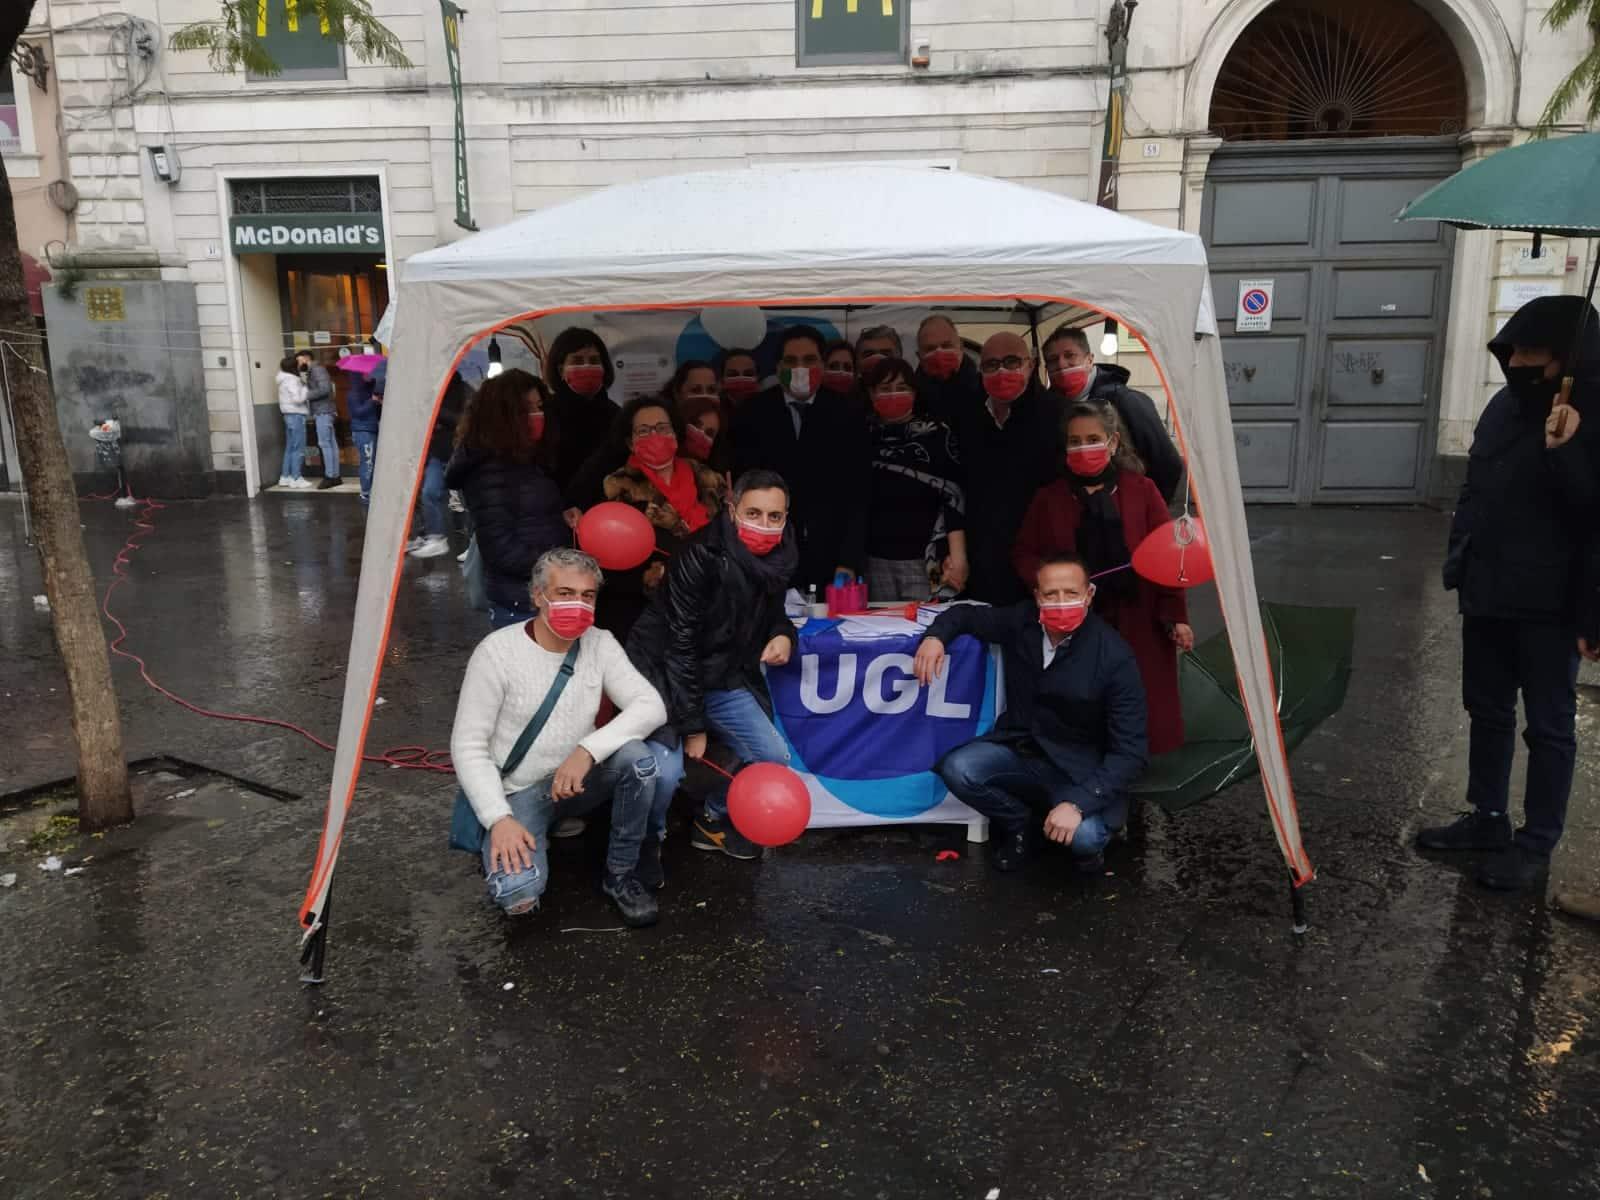 """Giornata internazionale delle donne, manifestazione Ugl a Catania per rivendicare il ruolo della donna nel lavoro e nella società: """"Impegno per equilibrio tra sessi e azioni di welfare"""""""